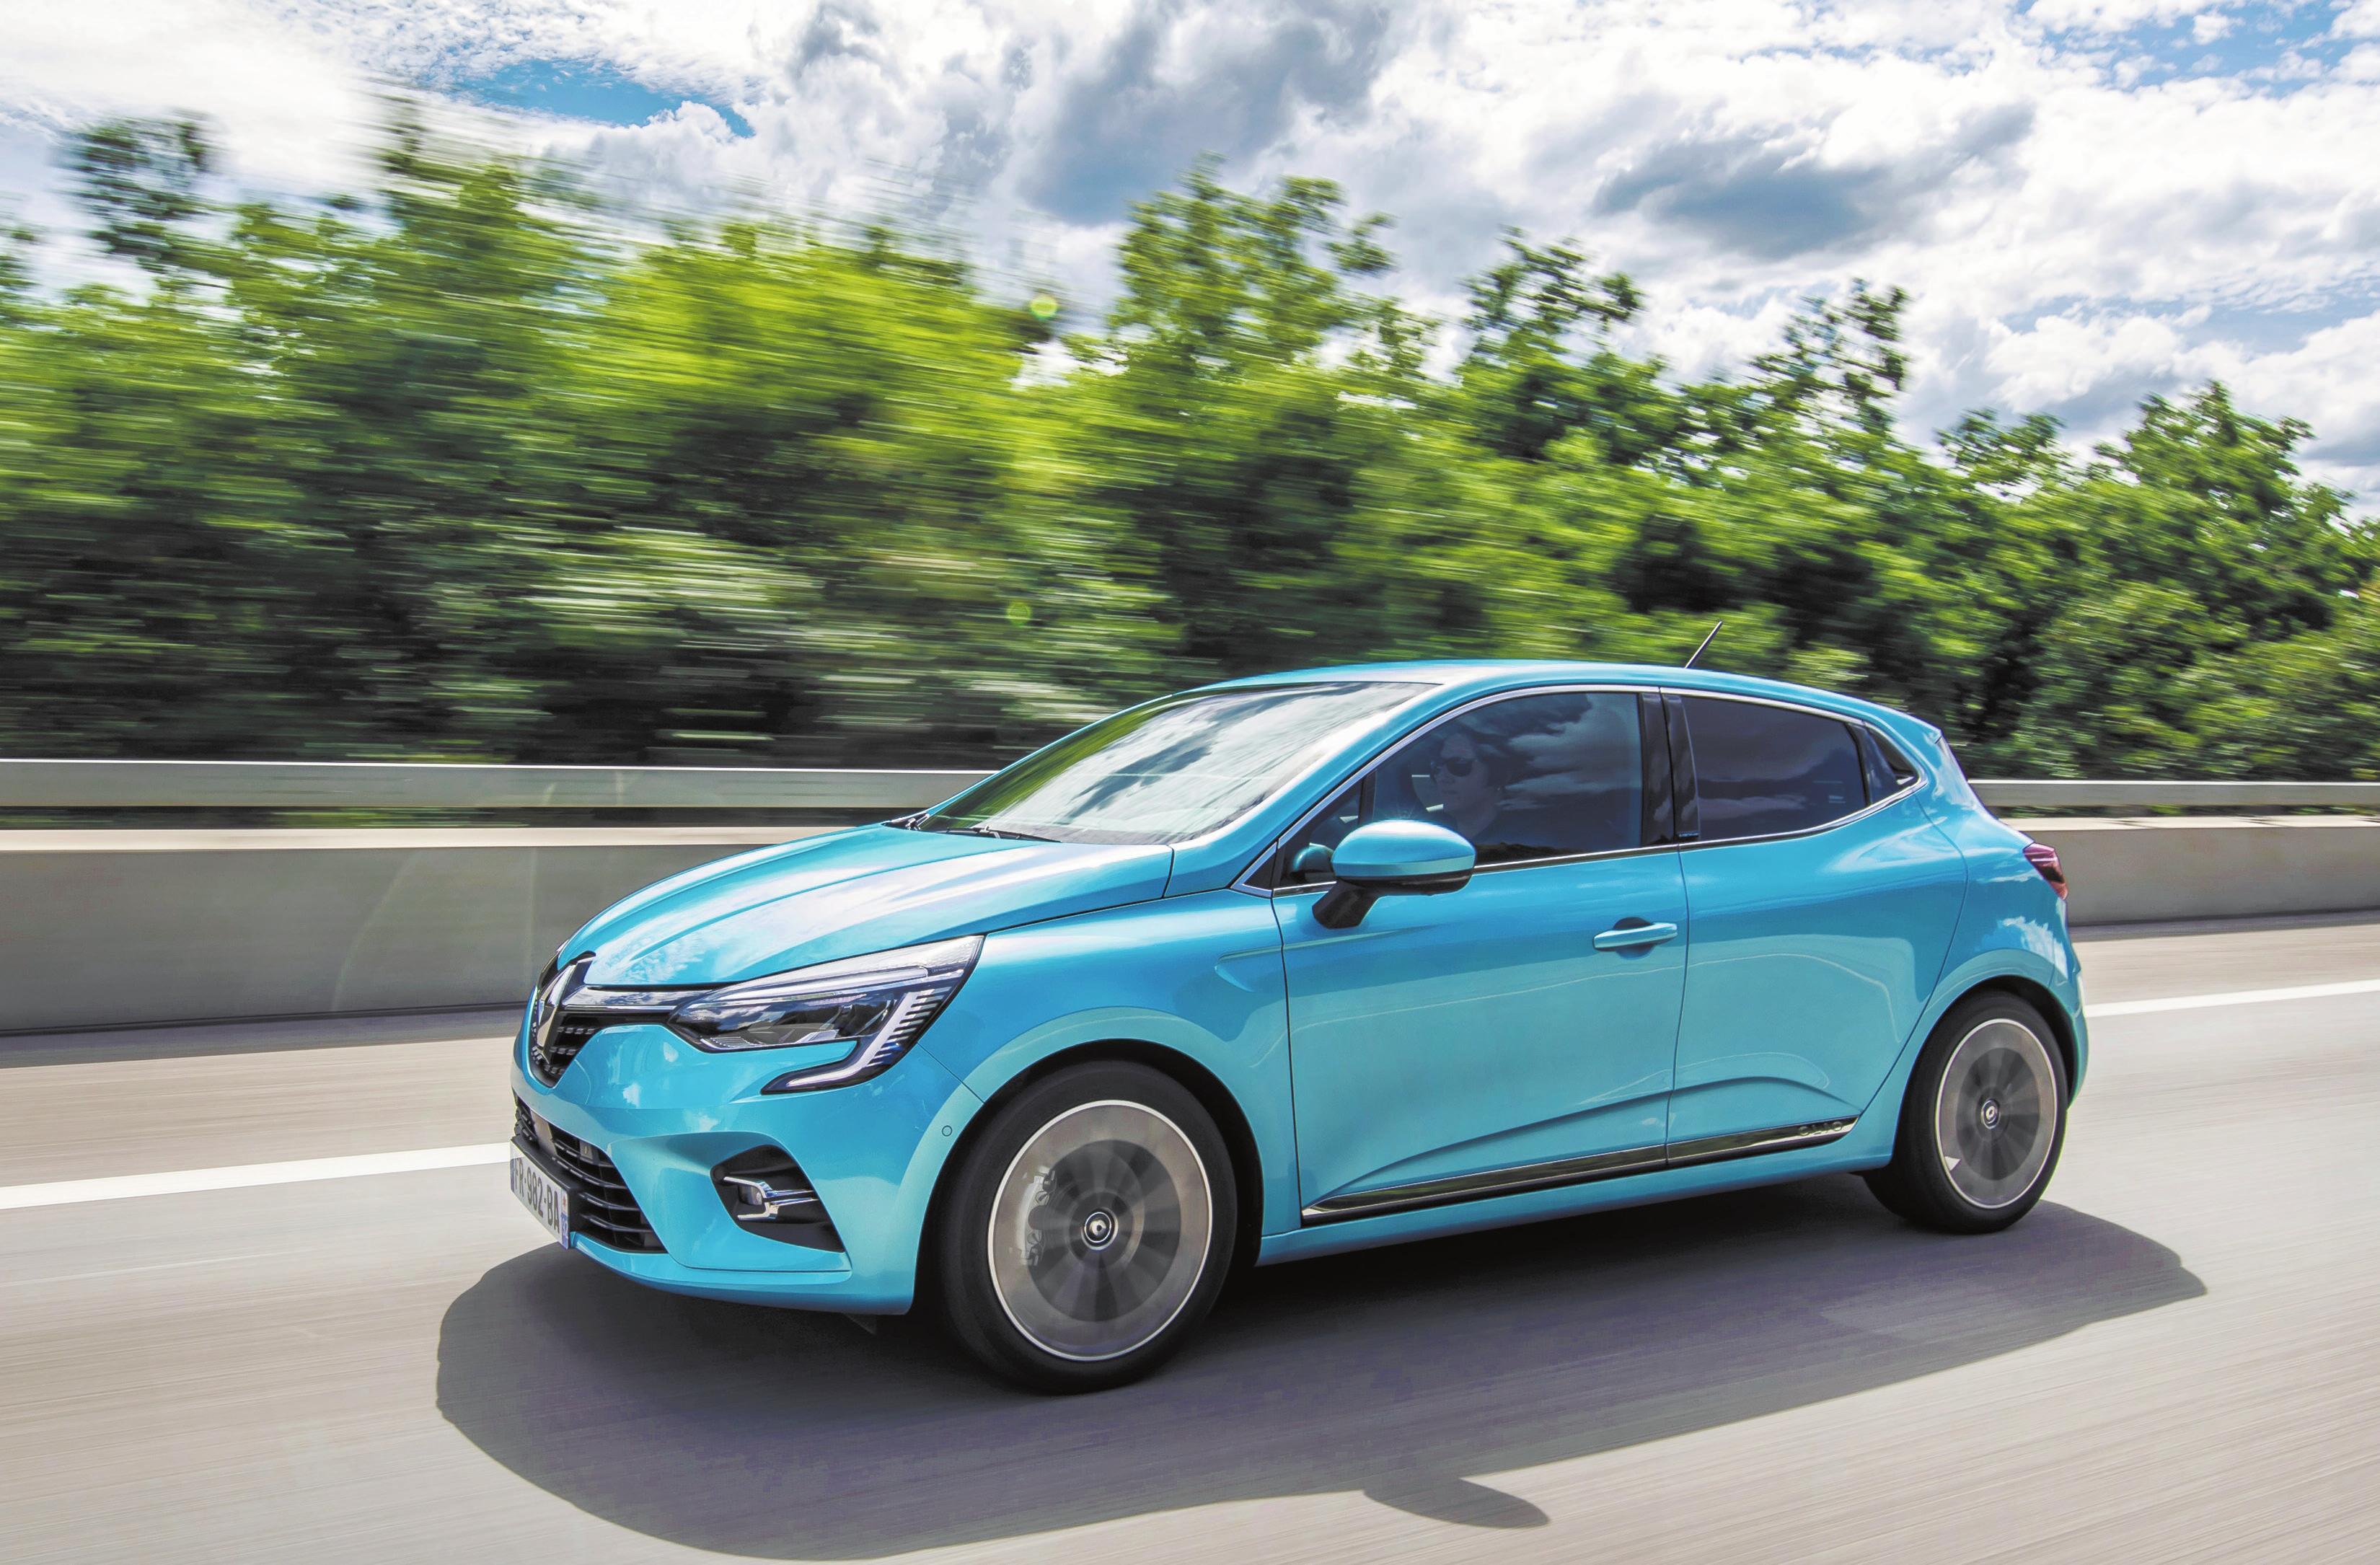 Der Renault Capture E-Tech schafft mit seinem Plug-in-Hybridantrieb bis zu 65 Kilometer rein elektrisch. Bild: Renault